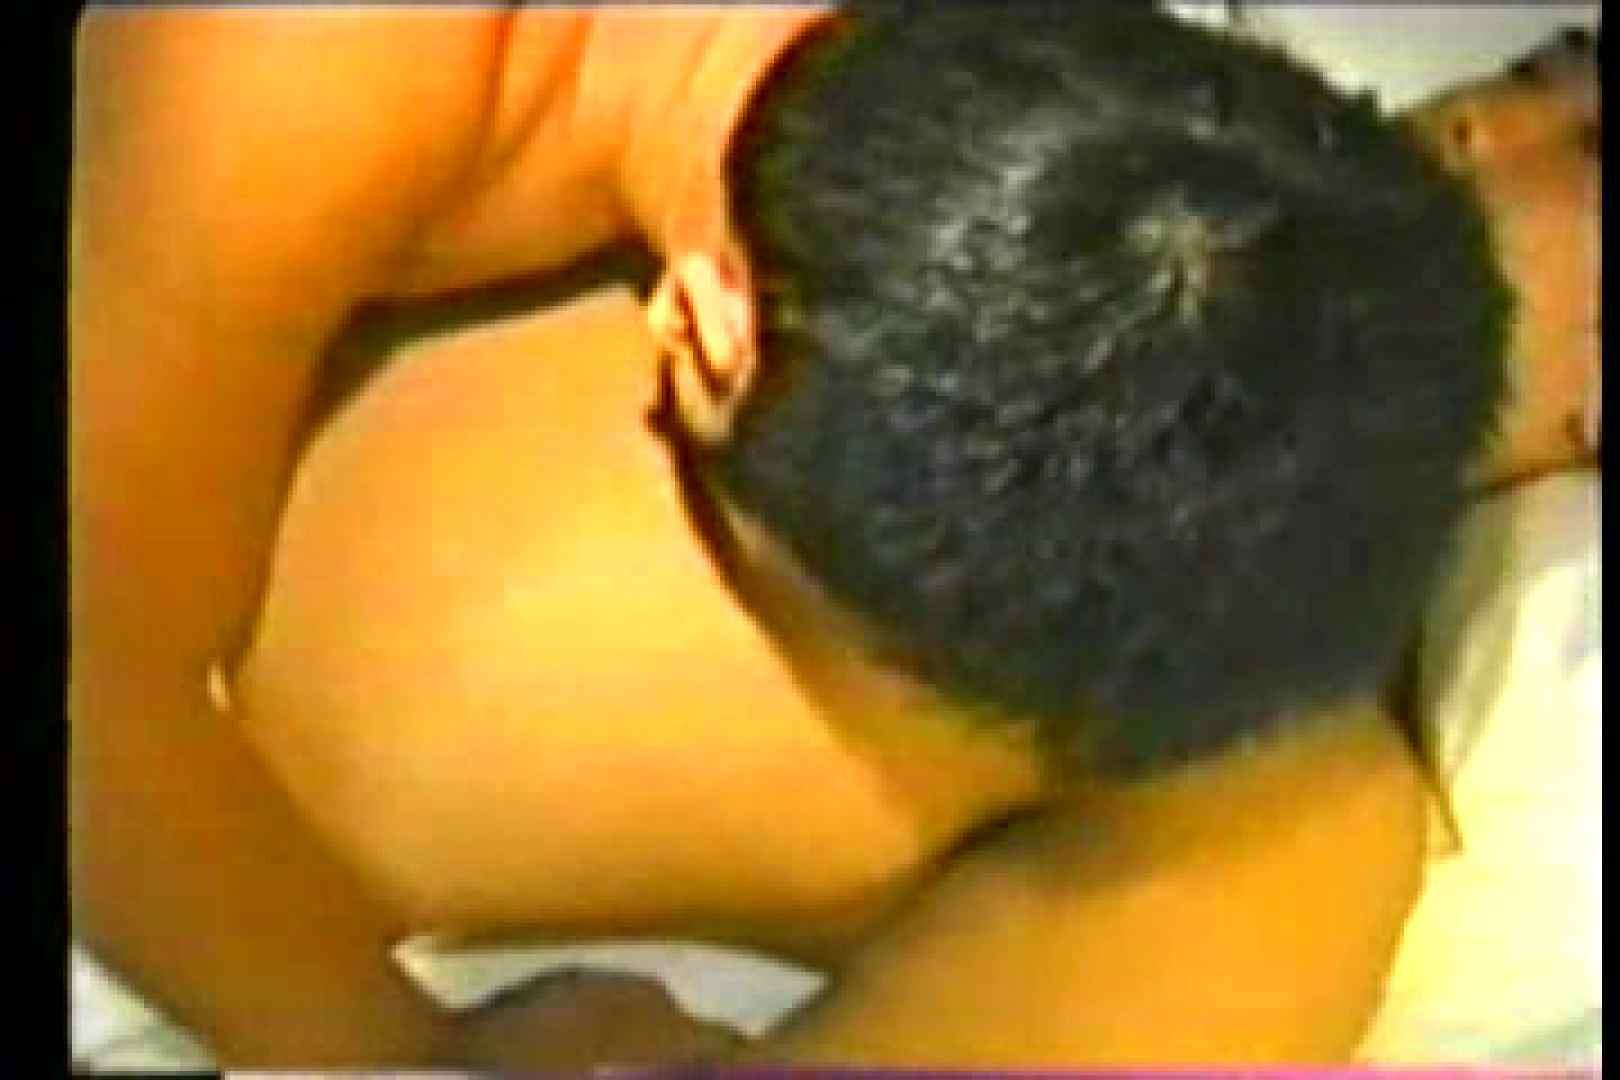 『ノンケ・スポーツマンシップとは・・・! ! 』 第11戦 体育会系 | キン肉 ゲイ無料エロ画像 85枚 2